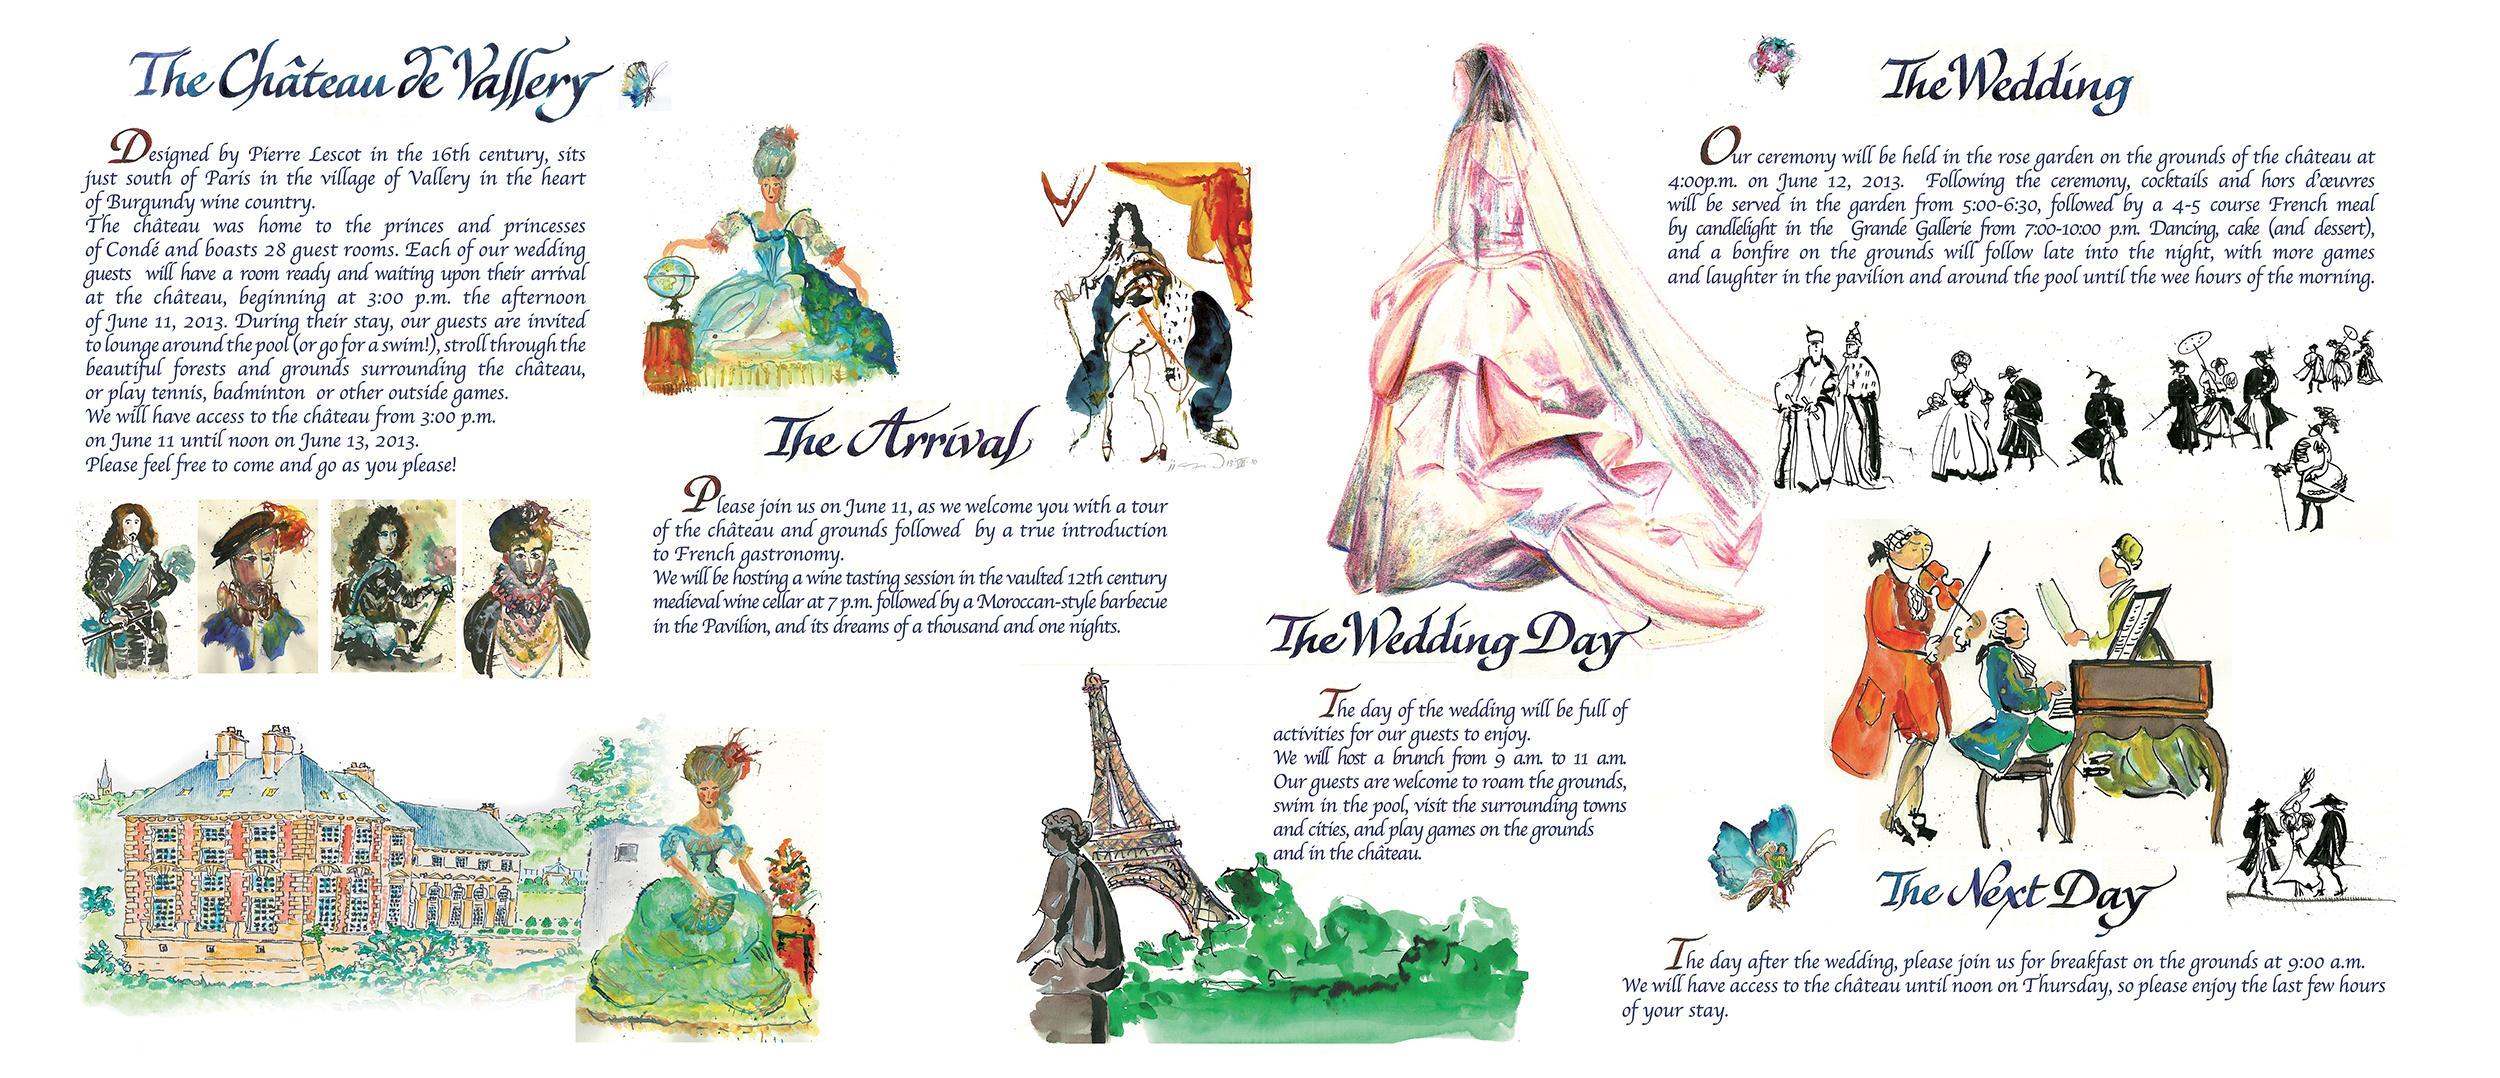 Faire-part de mariage au château par Jean-Jacques Grand calligraphe